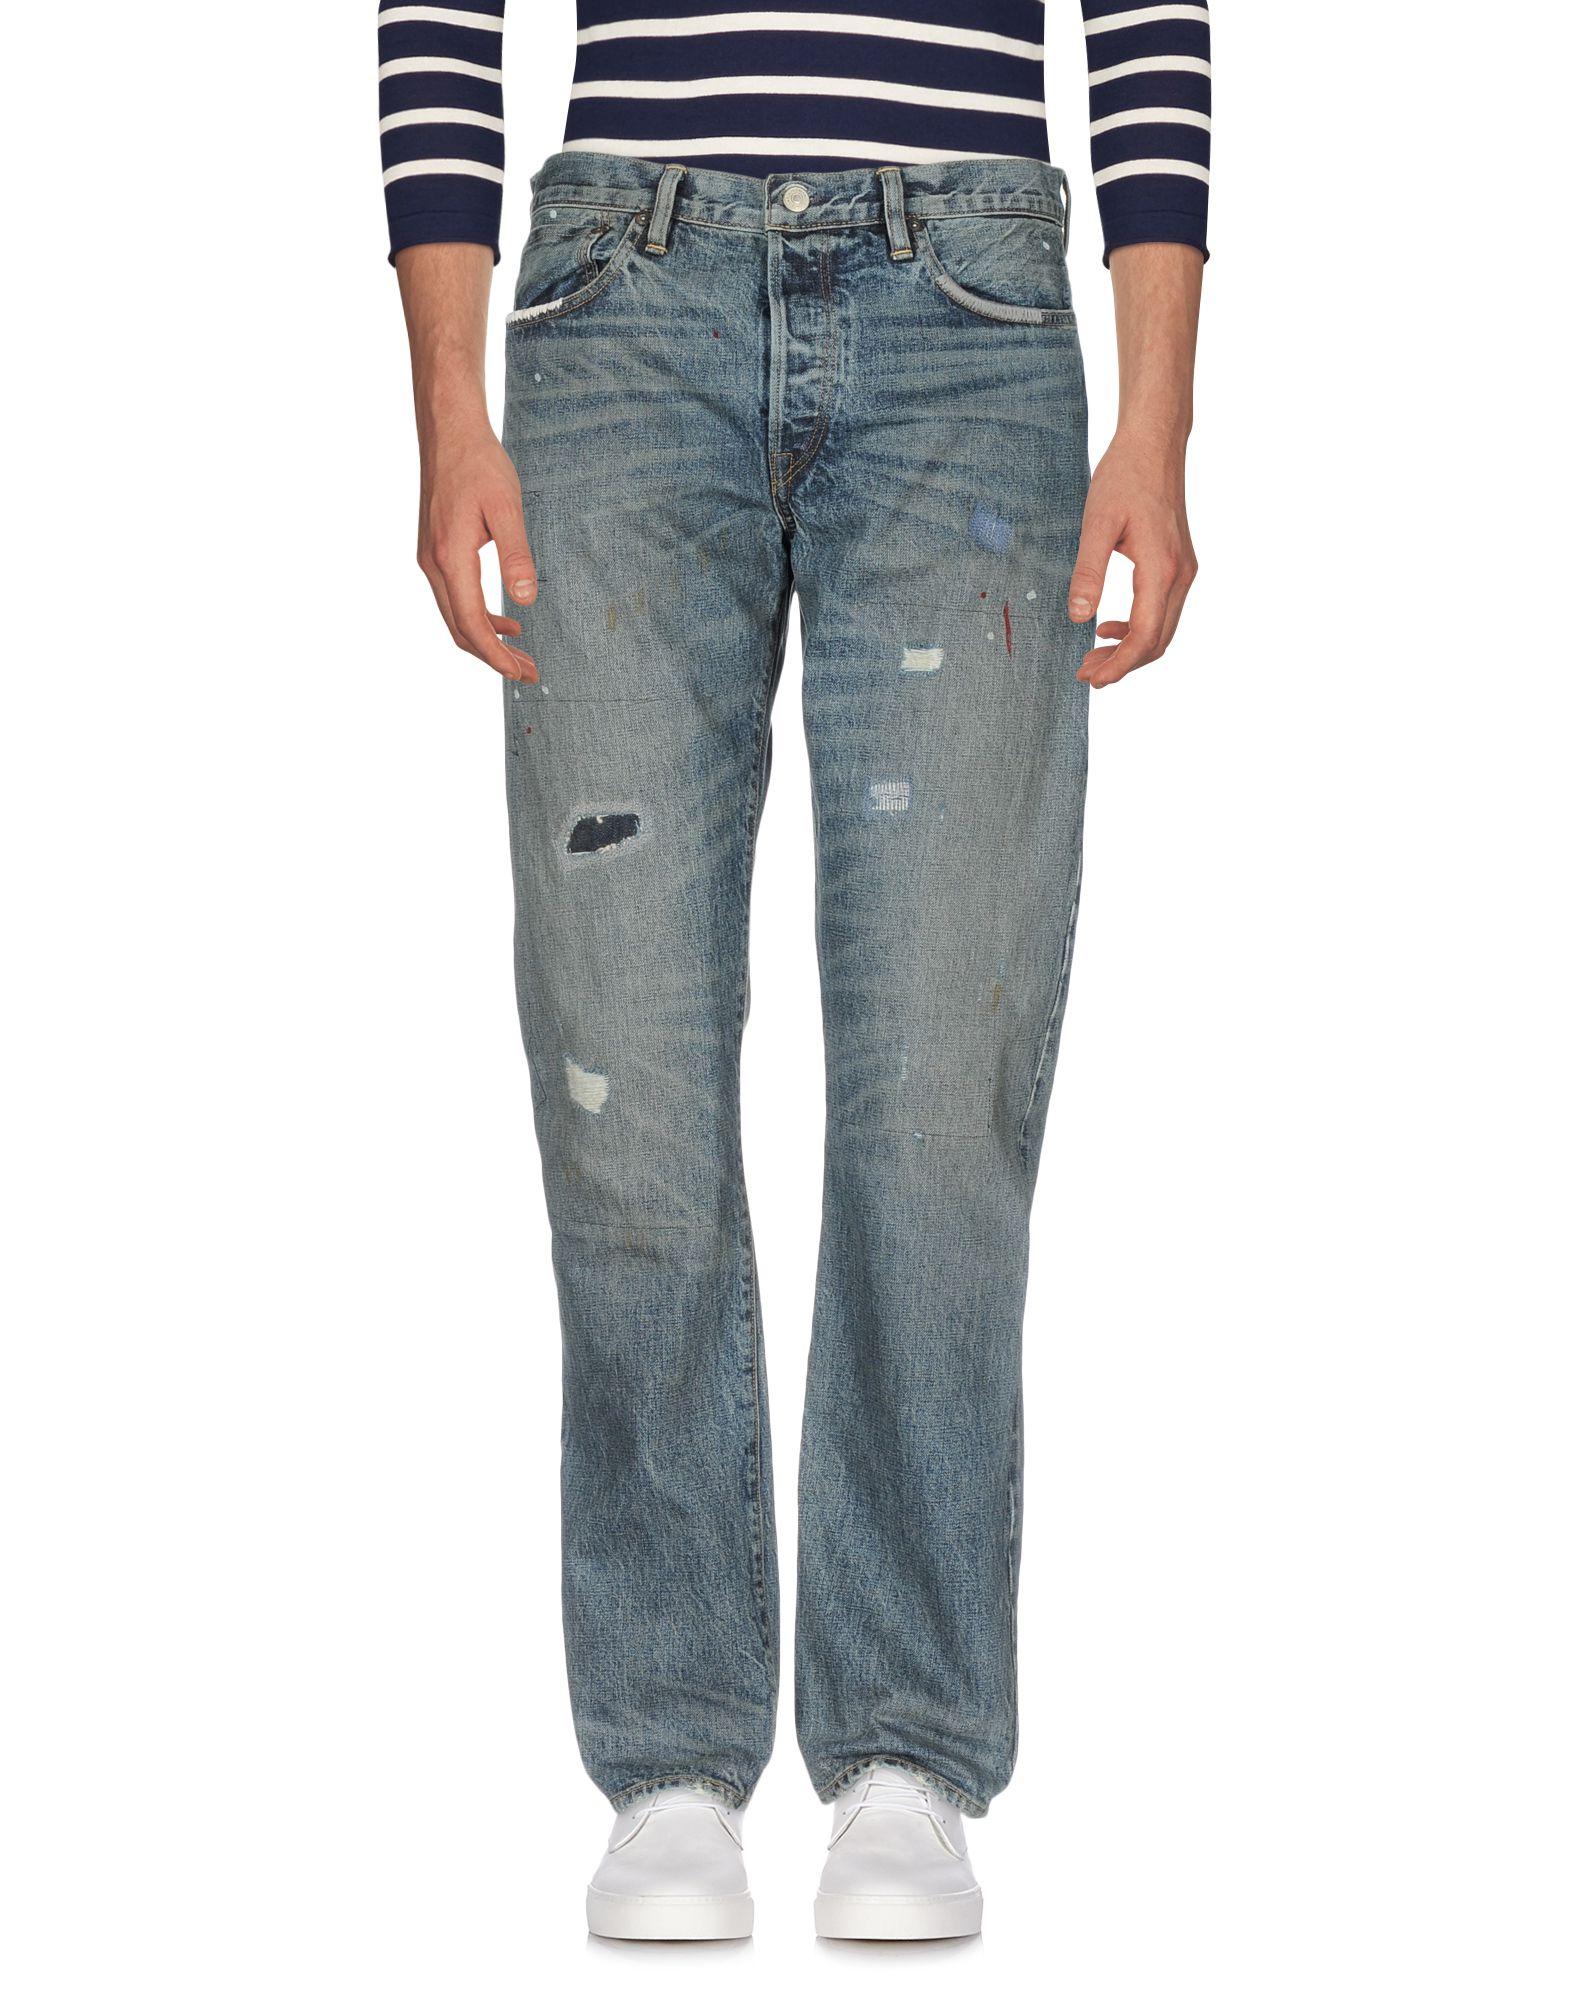 RON HERMAN Джинсовые брюки женские брюки лэйт светлый размер 56